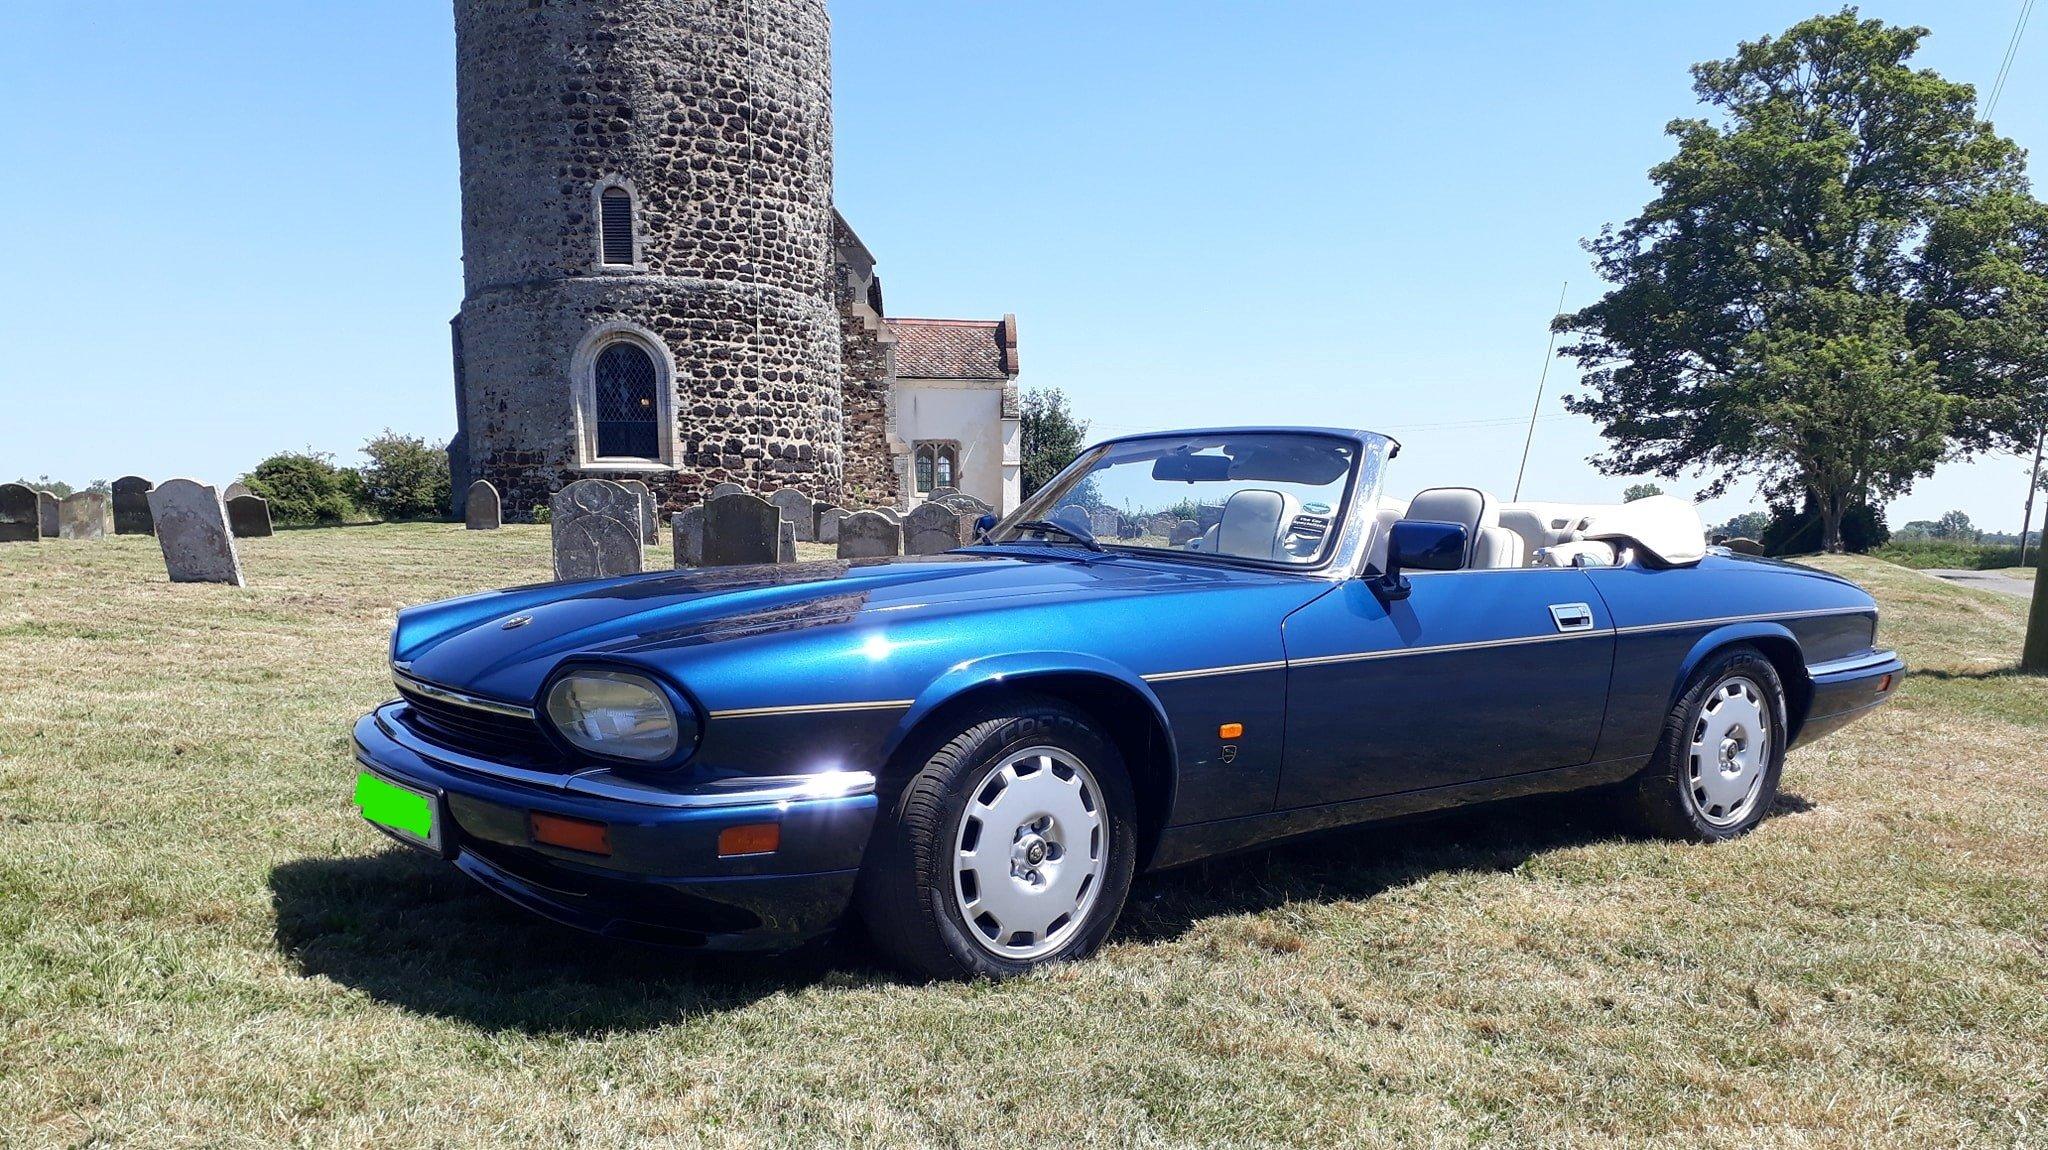 1995 jaguar xjs celebration convertible For Sale (picture 2 of 6)